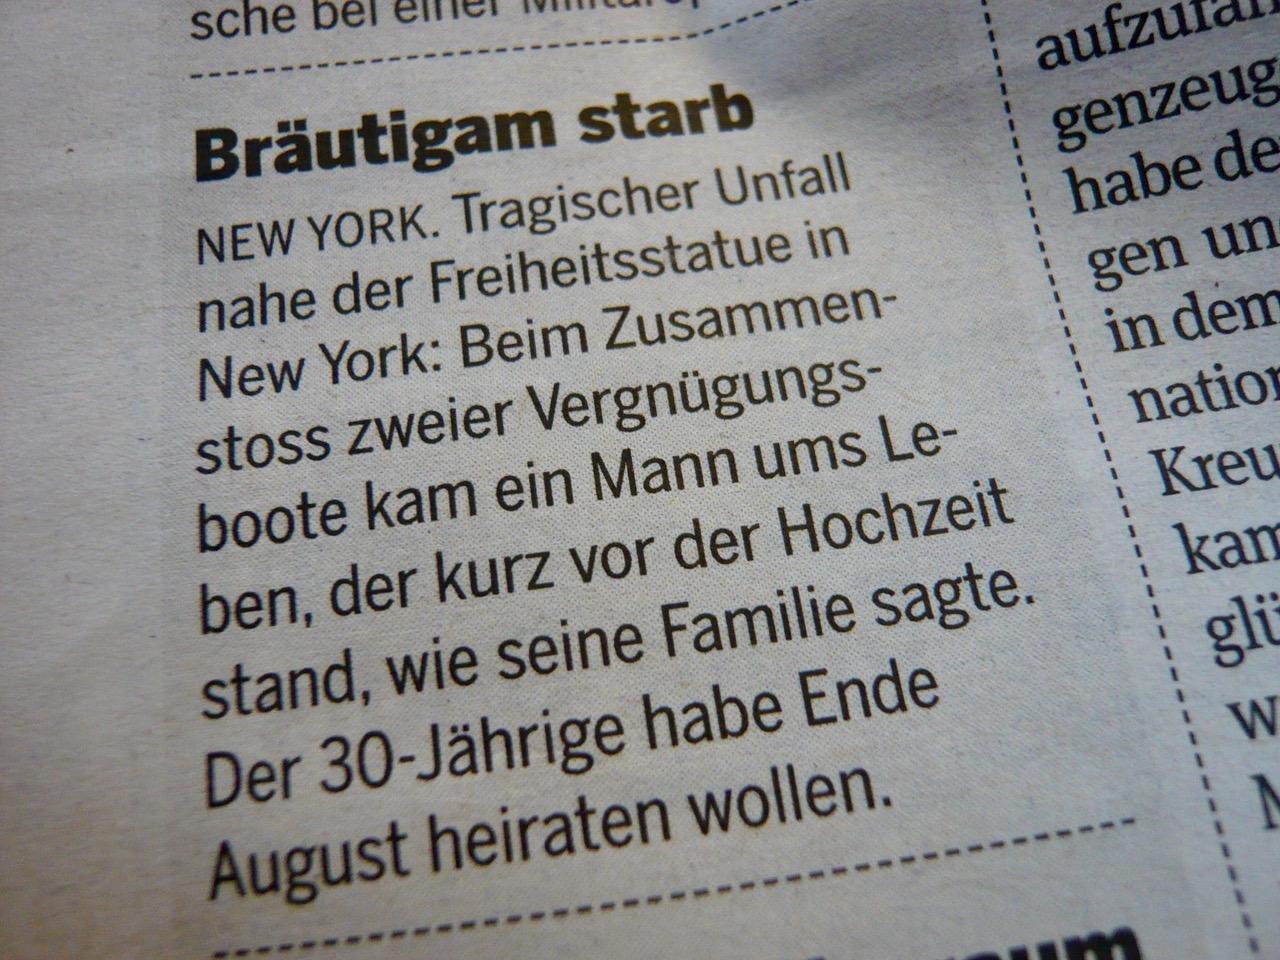 mark_benecke_herbert_hoffmann_schweiz - 17.jpeg